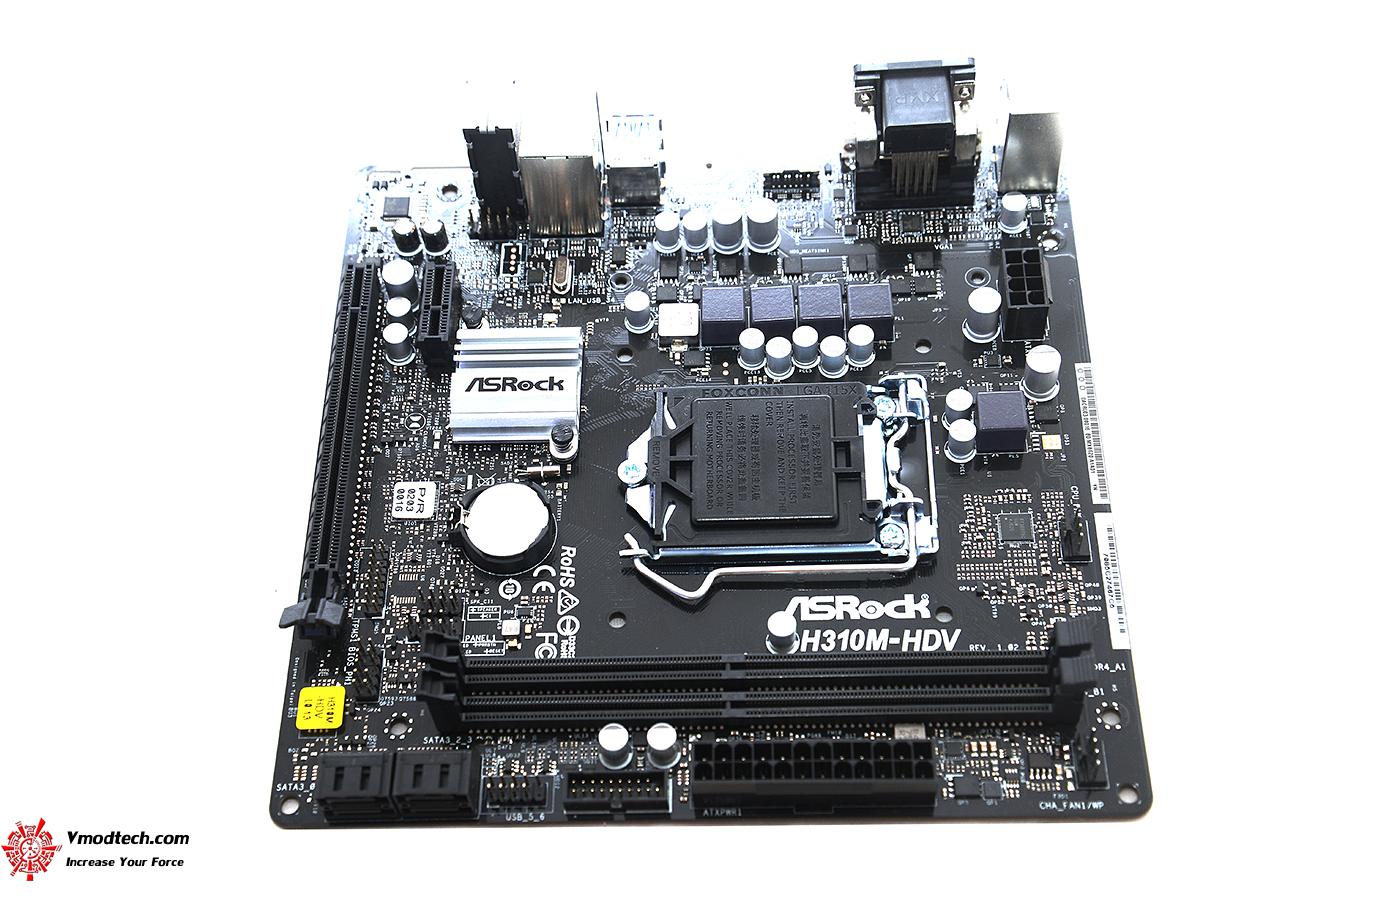 dsc 9166 ASRock H310M HDV Review